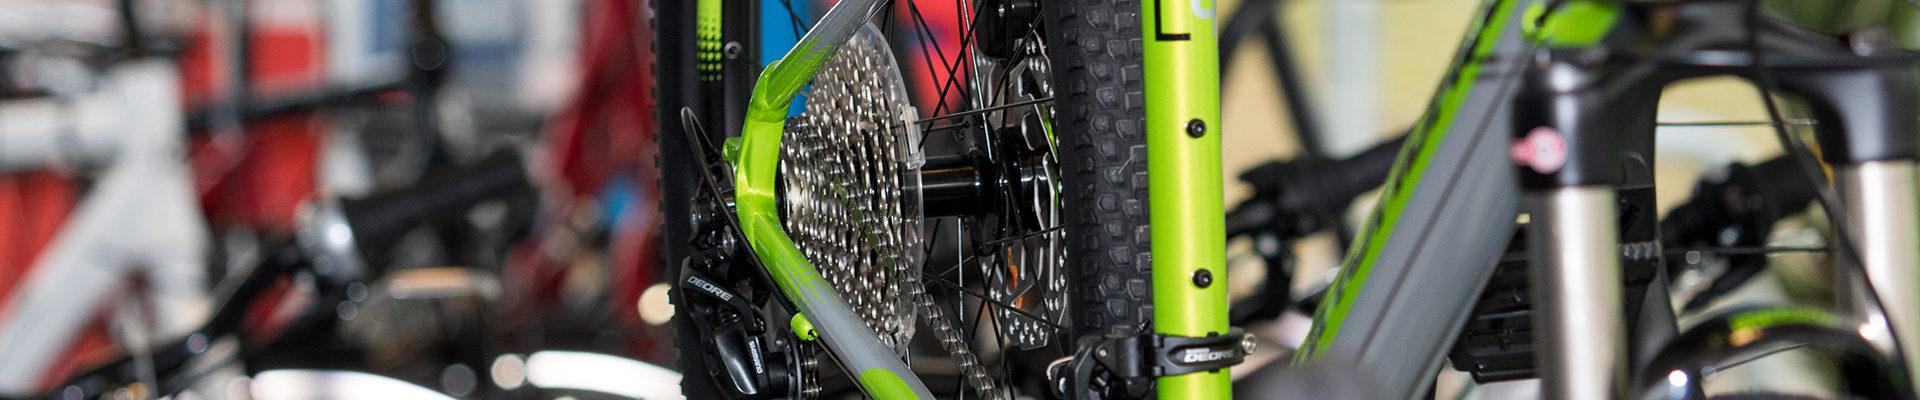 Kategorie: Fahrräder – NEU – Fitness-Cross